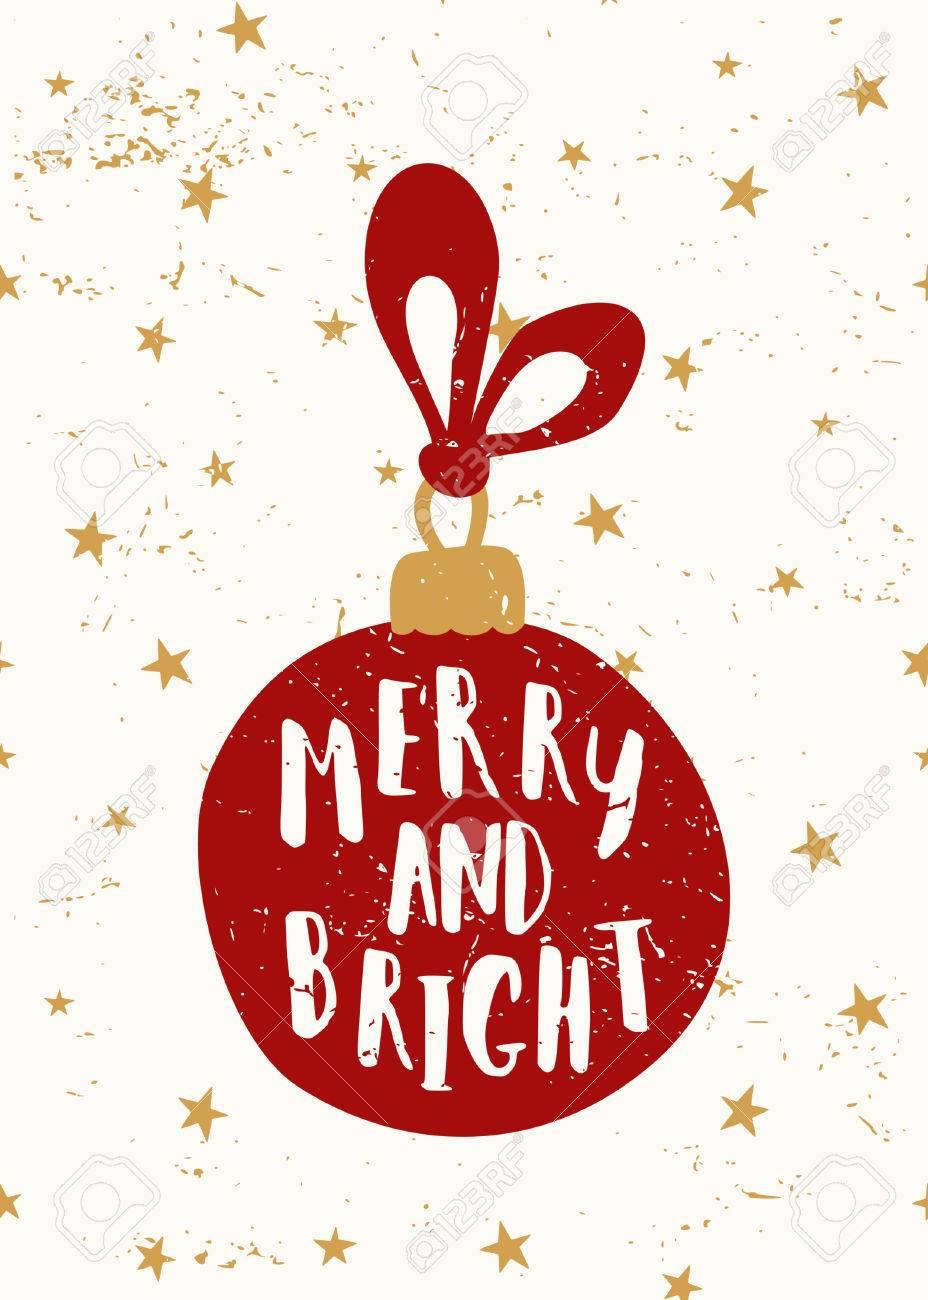 Weihnachts-Grußkarte Vorlage Mit Einem Roten Weihnachtskugel Und Dem ...